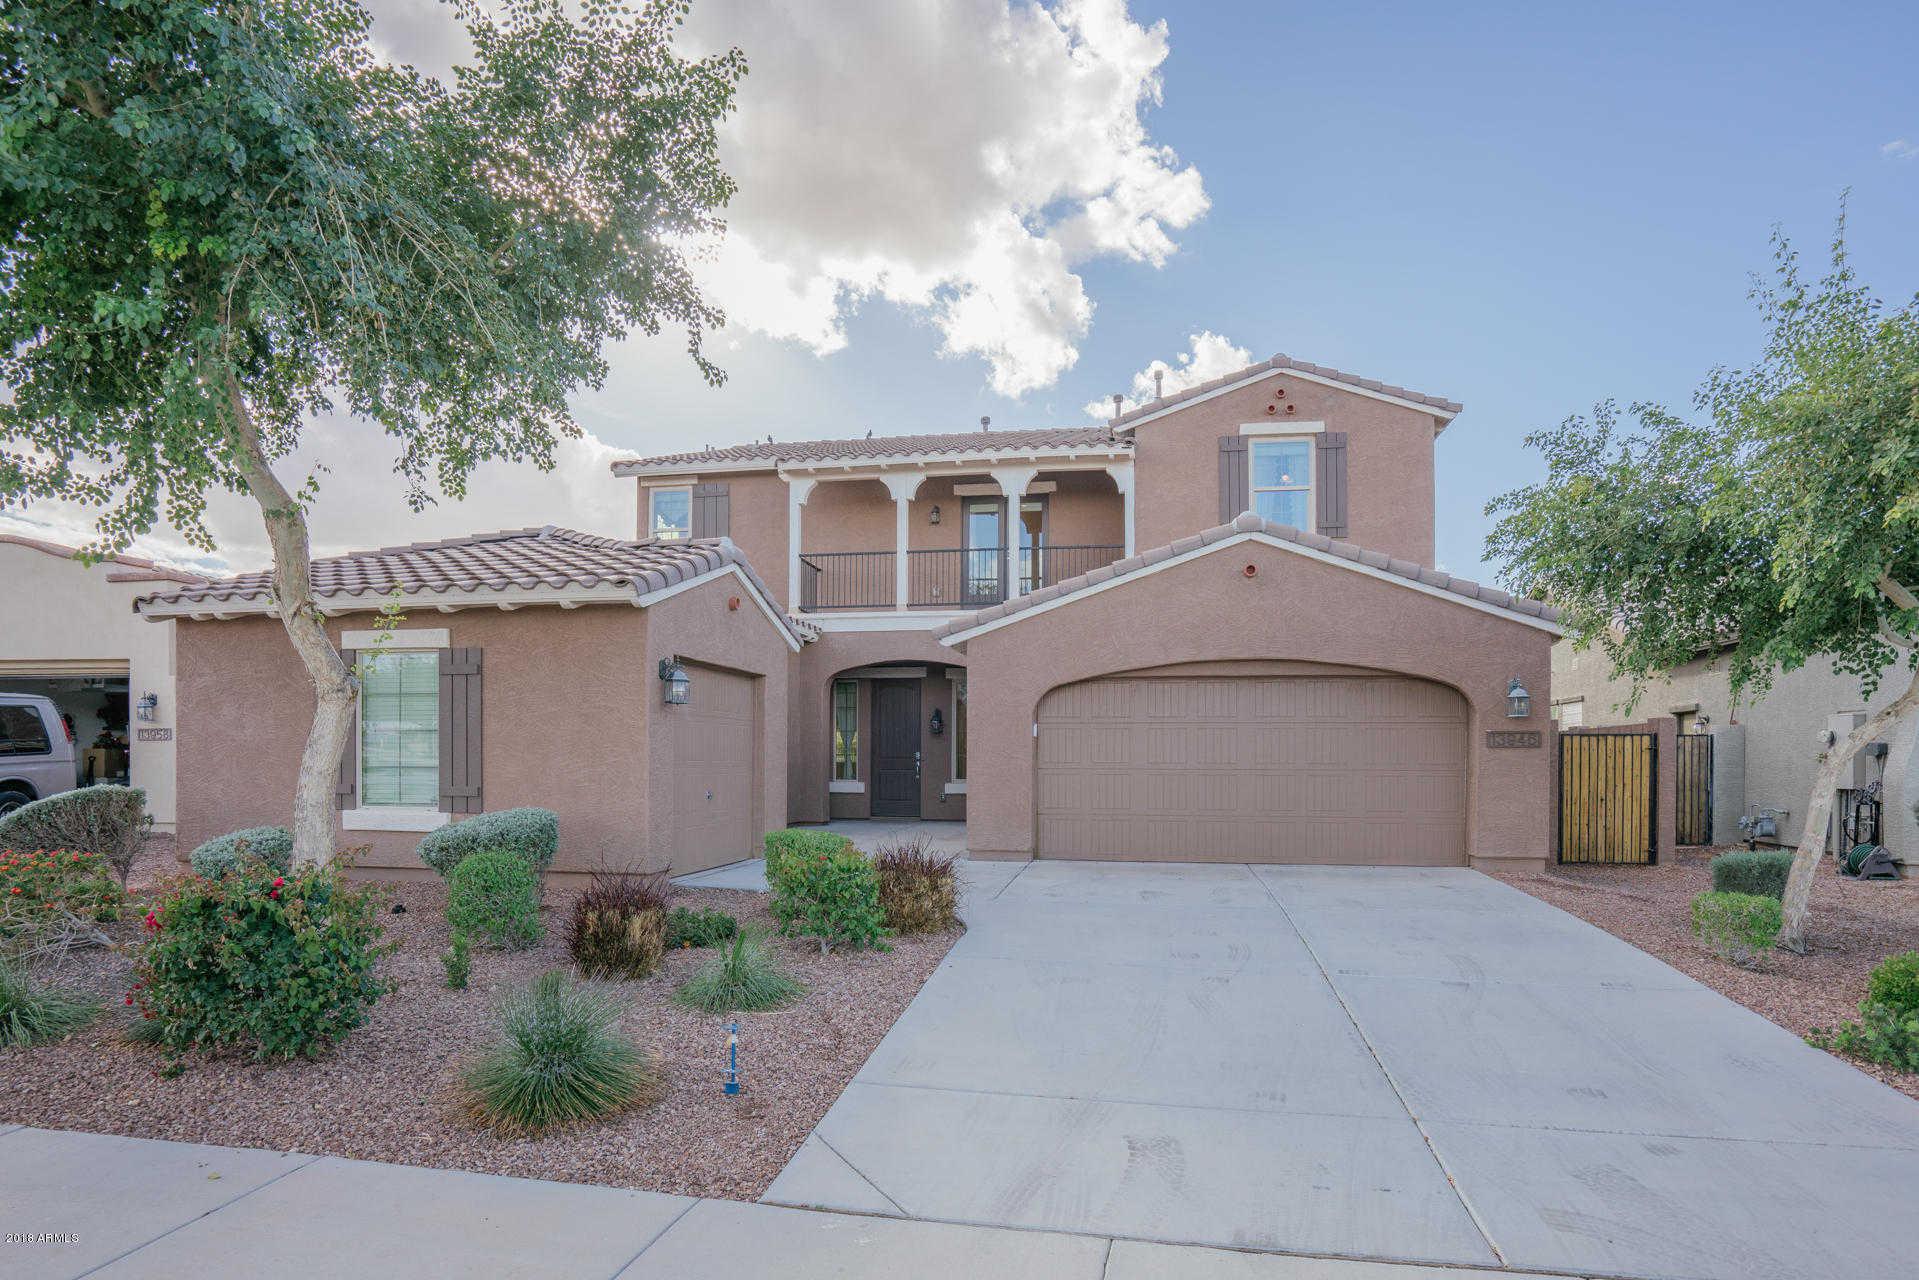 $340,000 - 4Br/3Ba - Home for Sale in Coronado Village At Estrella Mtn Ranch Parcel 7.7, Goodyear